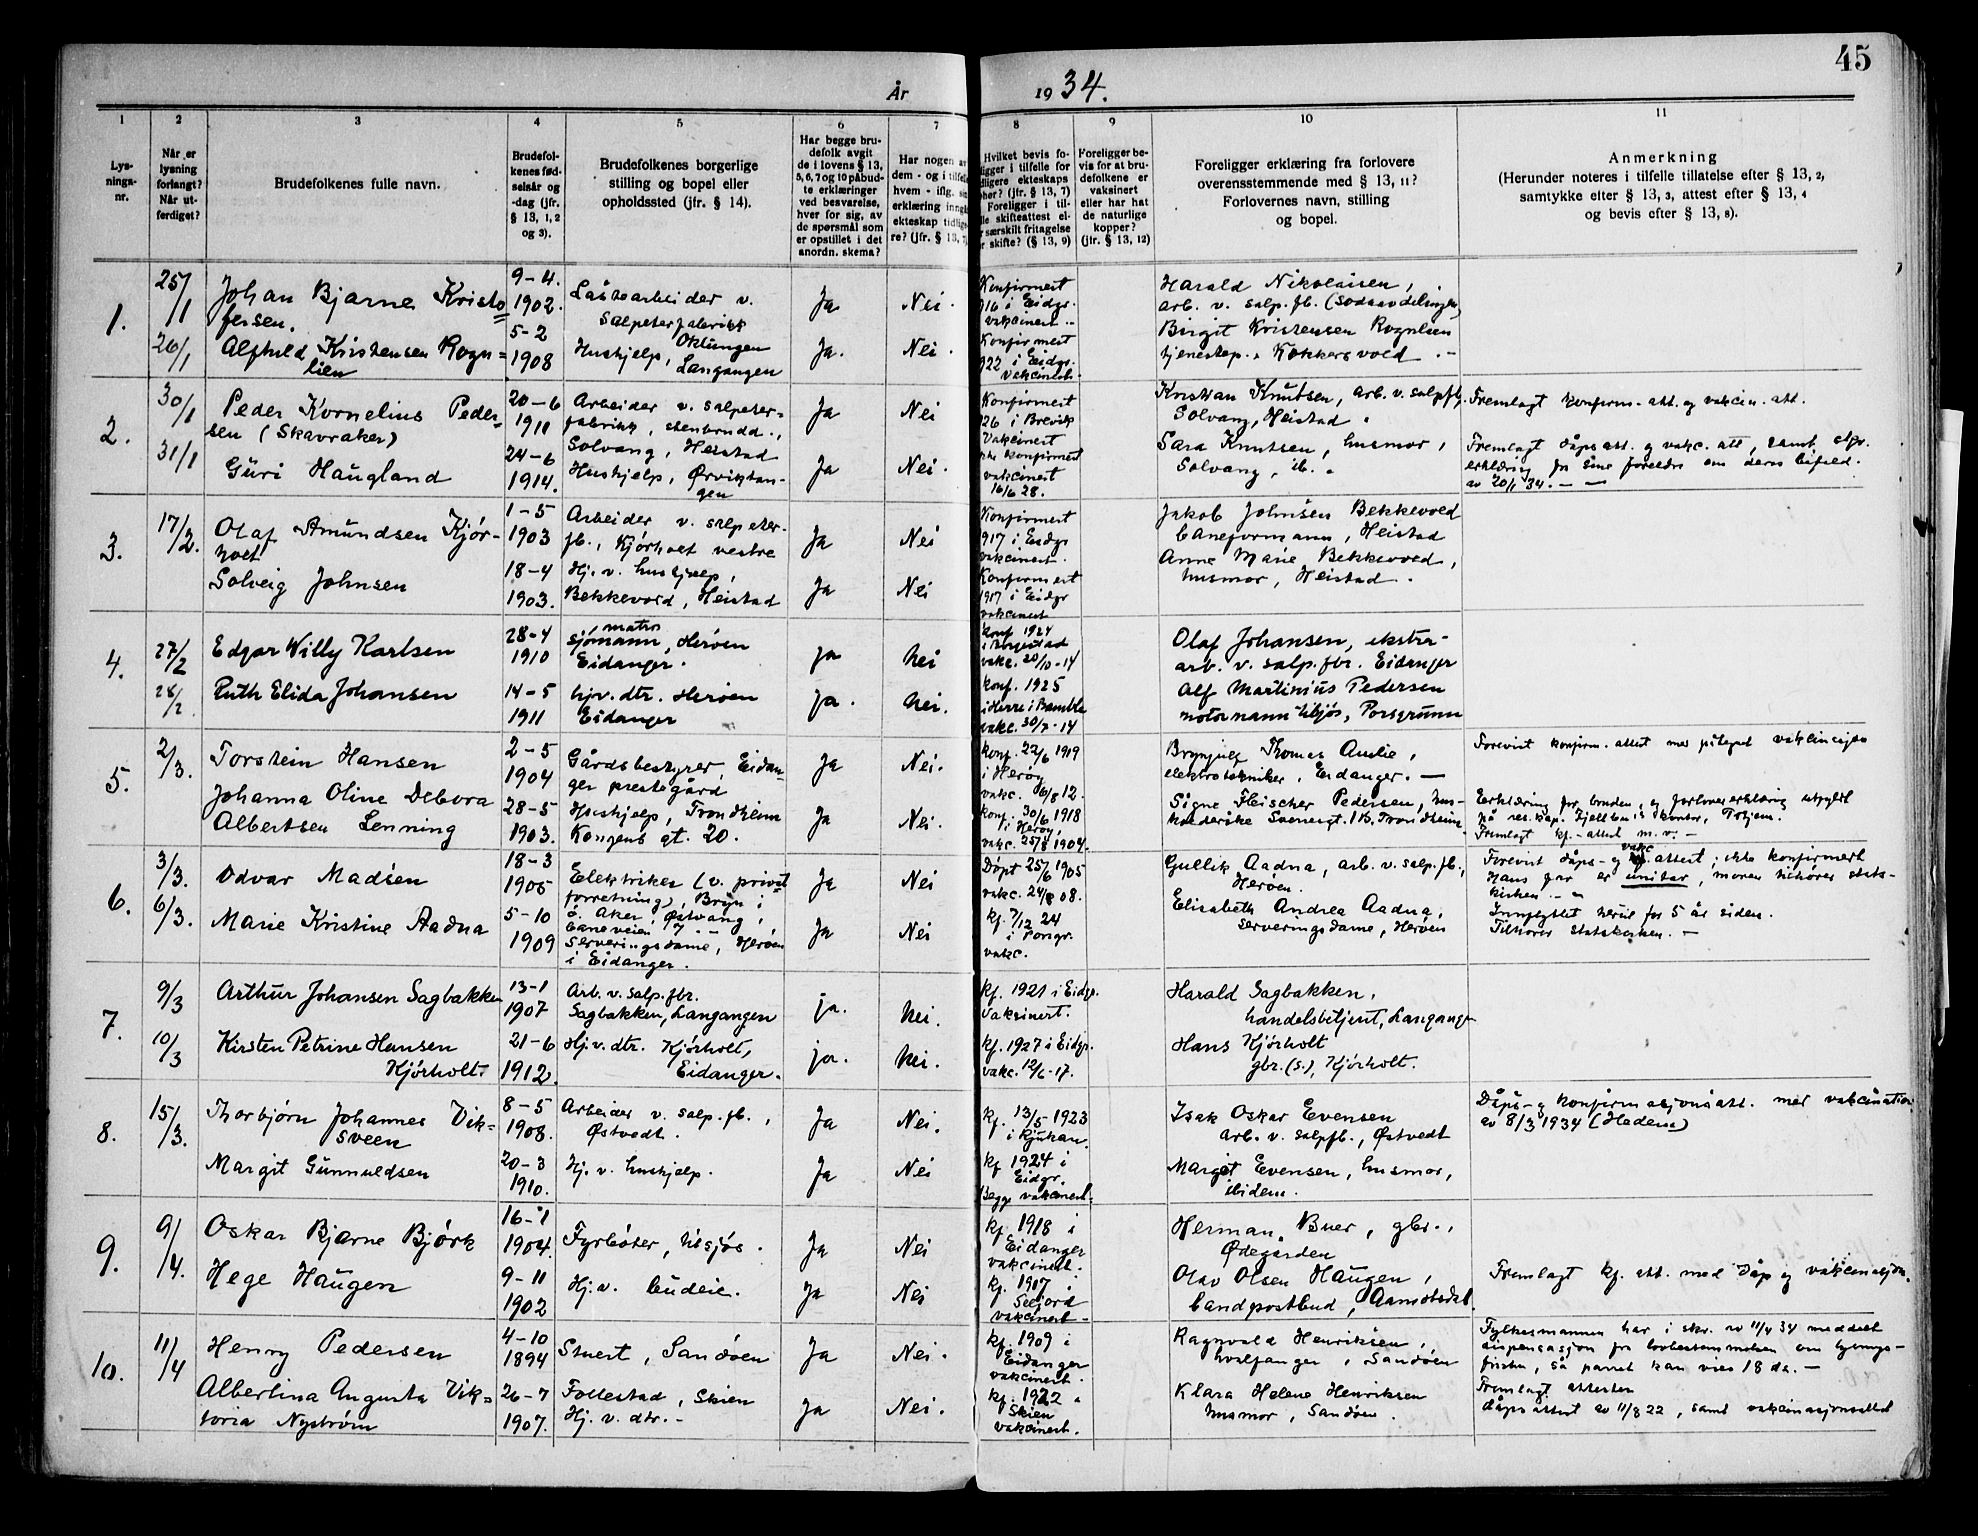 SAKO, Eidanger kirkebøker, H/Ha/L0003: Lysningsprotokoll nr. 3, 1919-1948, s. 45